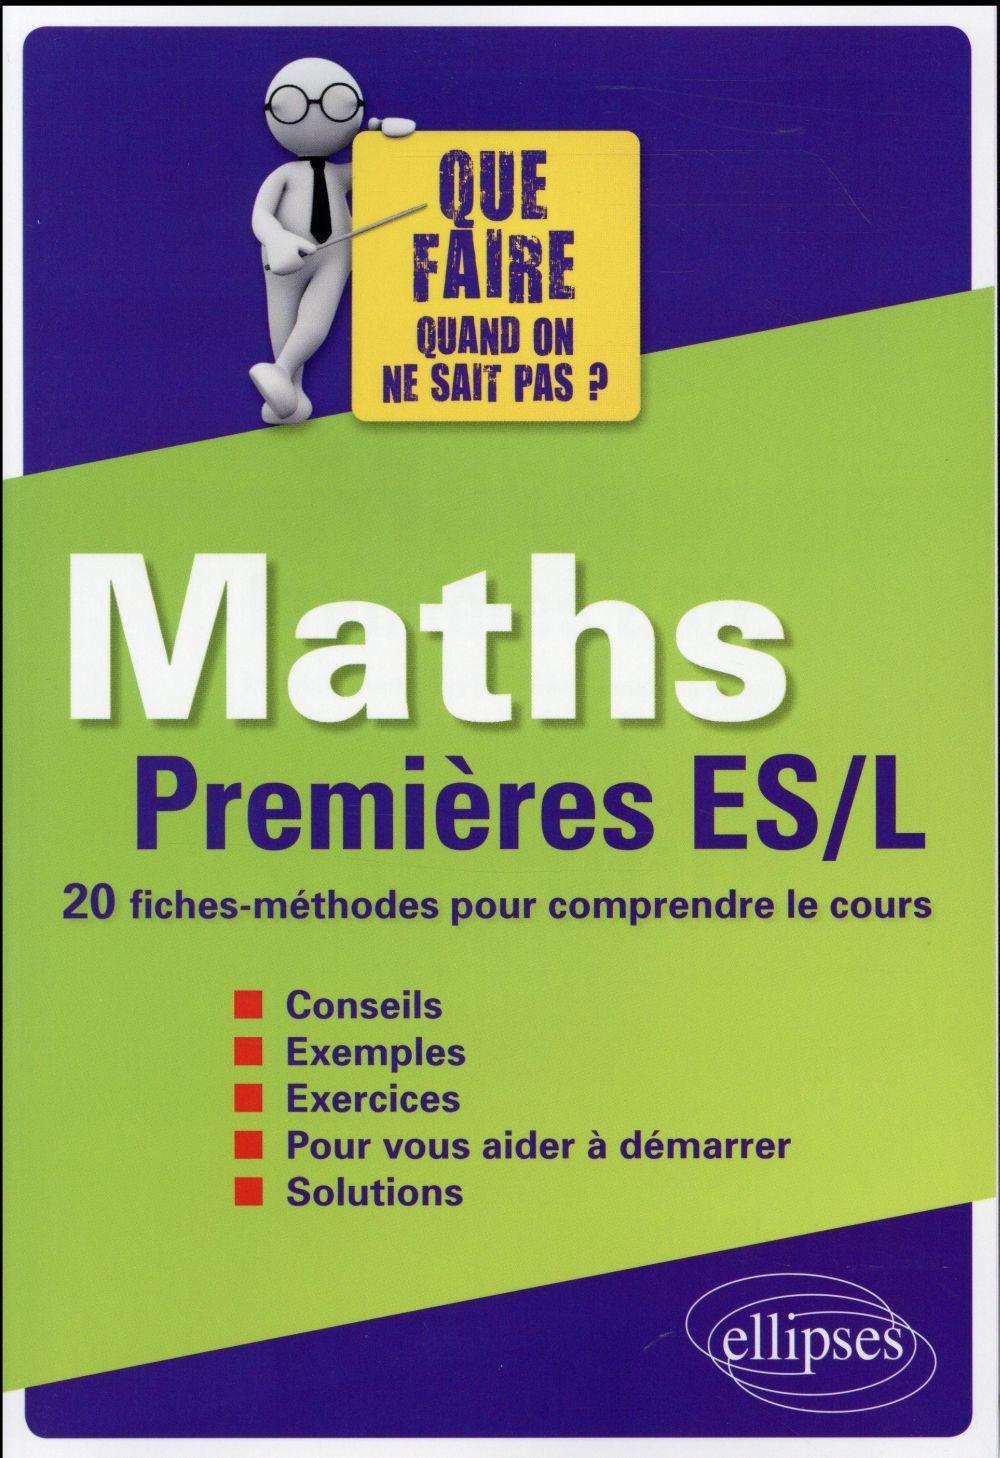 Maths premieres es/l 20 fiches-methodes pour comprendre le cours conseils exemples exercices